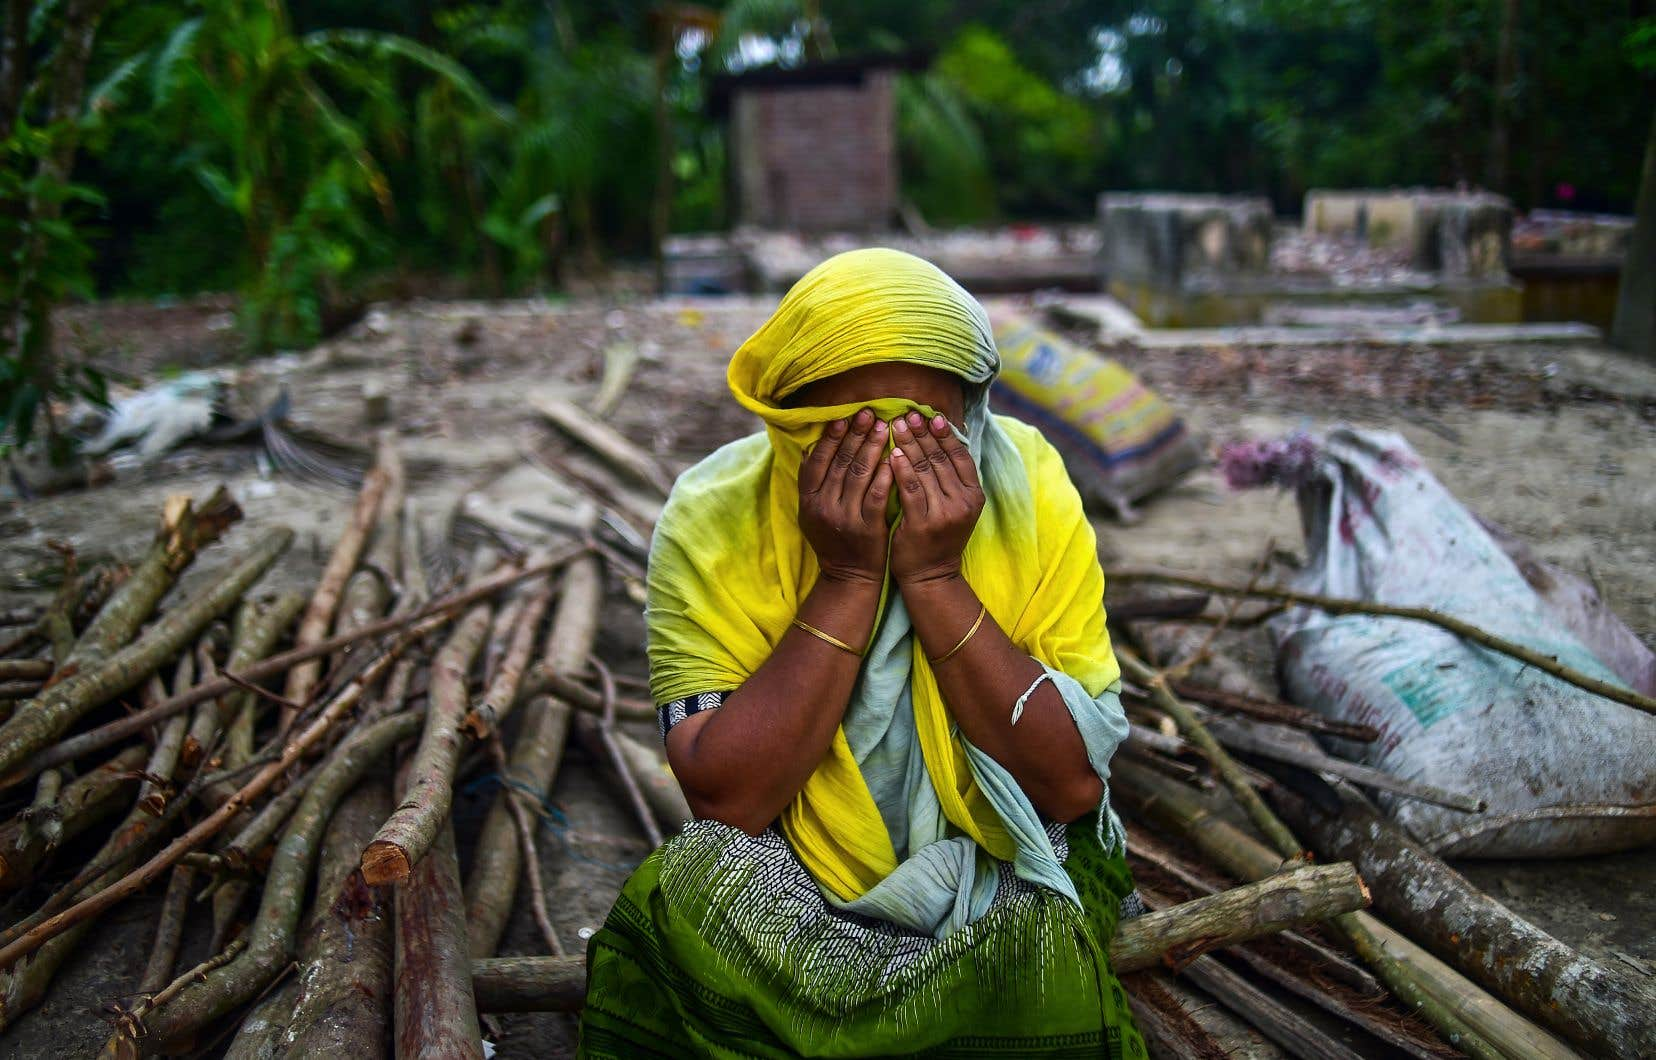 Une Bangladaise assise sur les ruines de sa maison, sur les rives du fleuve Padma à environ 40 km de la capitale, Dacca. Le mois dernier, plusieurs habitations, entreprises, écoles, mosquées et autres bâtiments ont été détruits par la forte érosion des terres dans ce secteur.